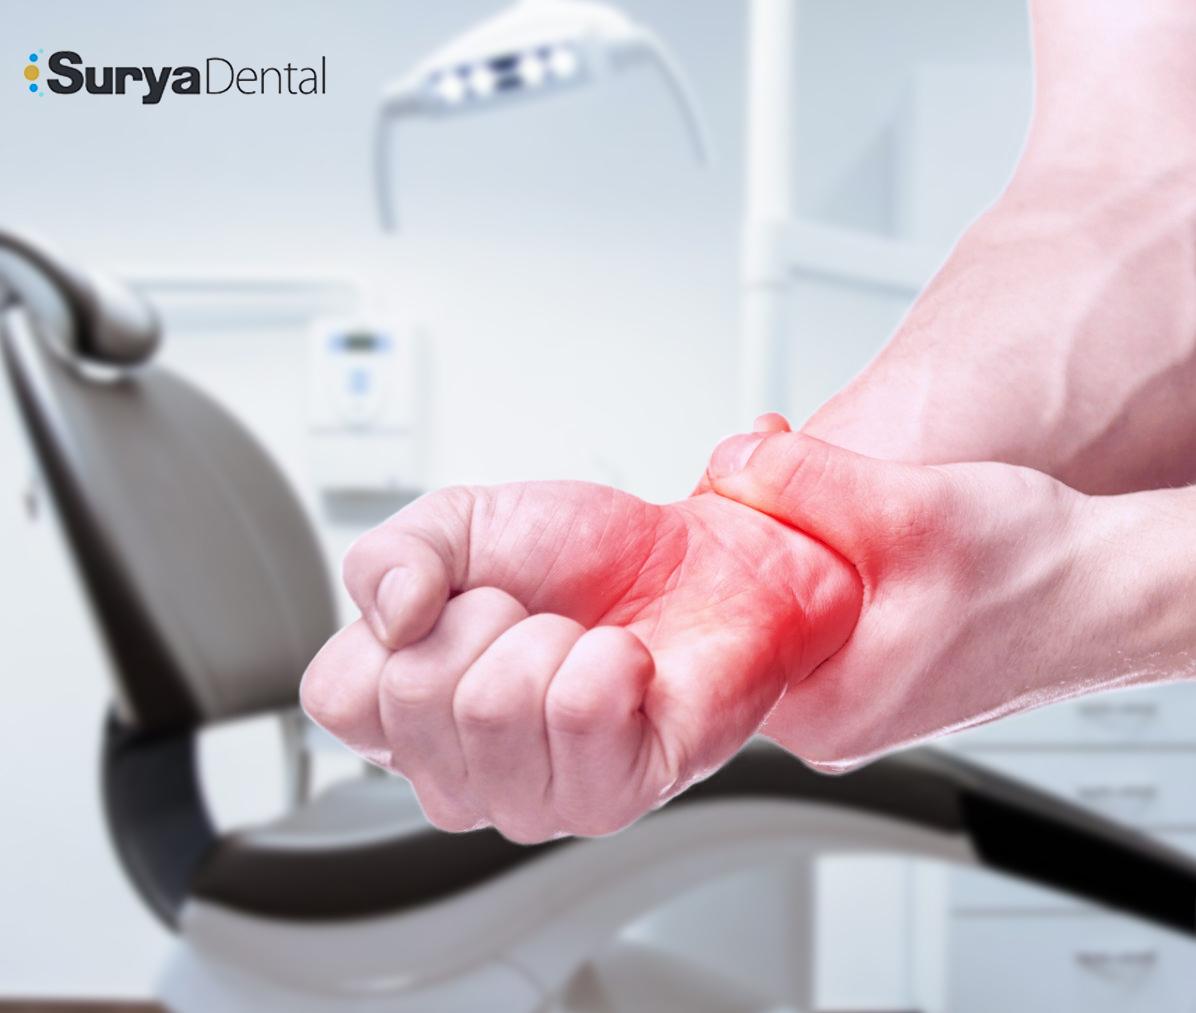 Síndrome do túnel do carpo: 7 dicas para evitar a lesão